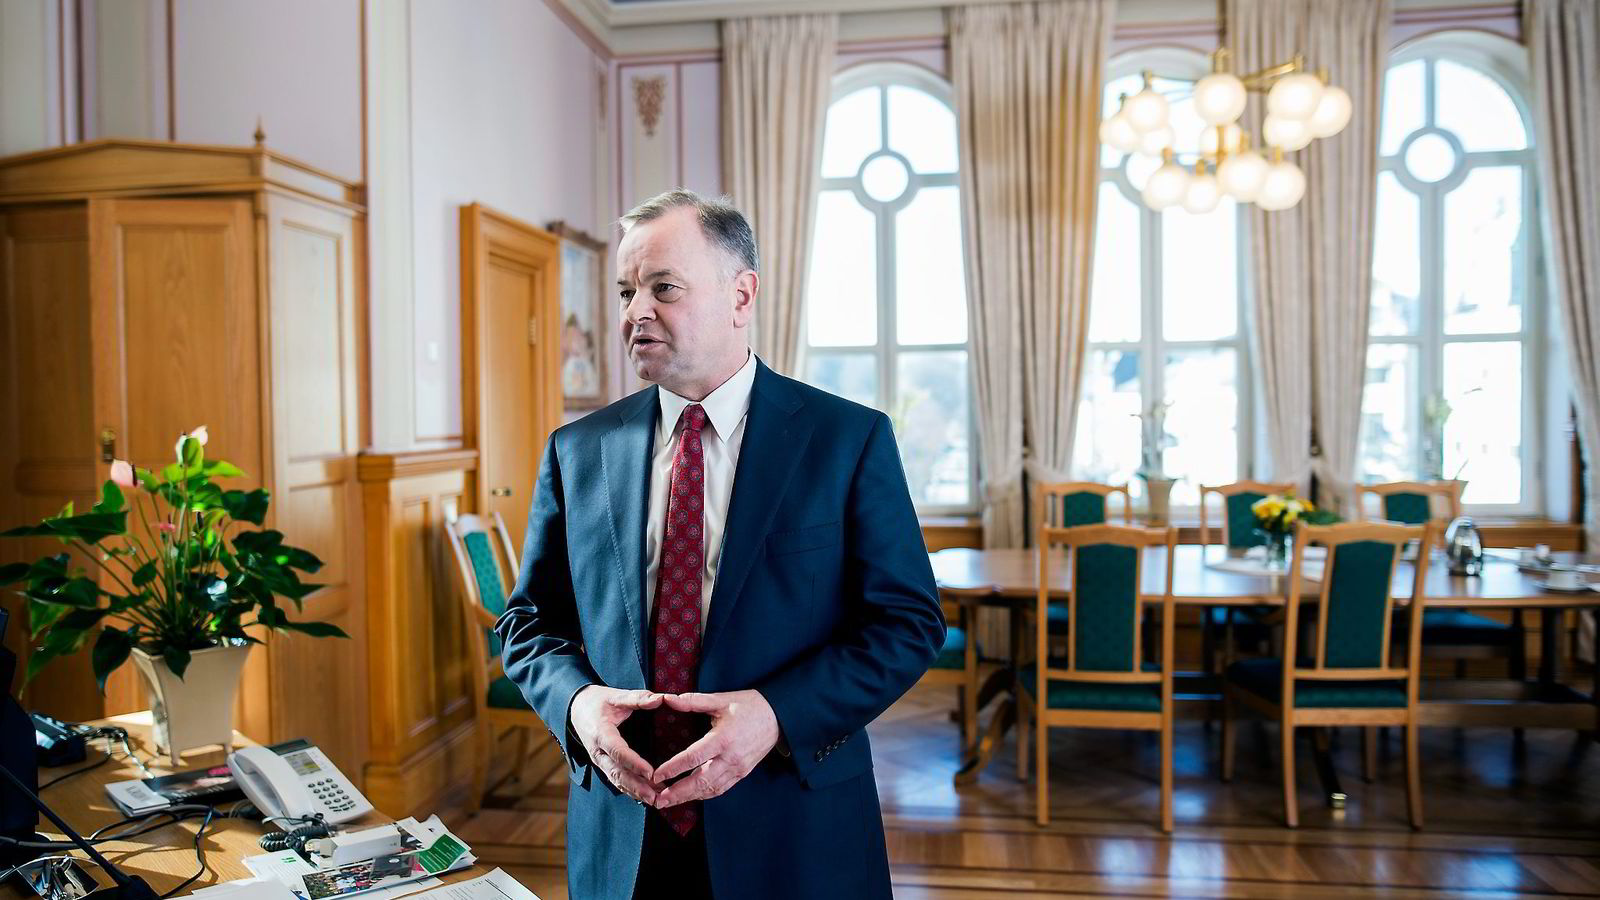 Stortingspresident Olemic Thommessen legger seg «flat som en pannekake» etter at han i et brev til britiske skattemyndigheter påberopte seg statsministerens støtte i krangelen om formuen på Guernsey.